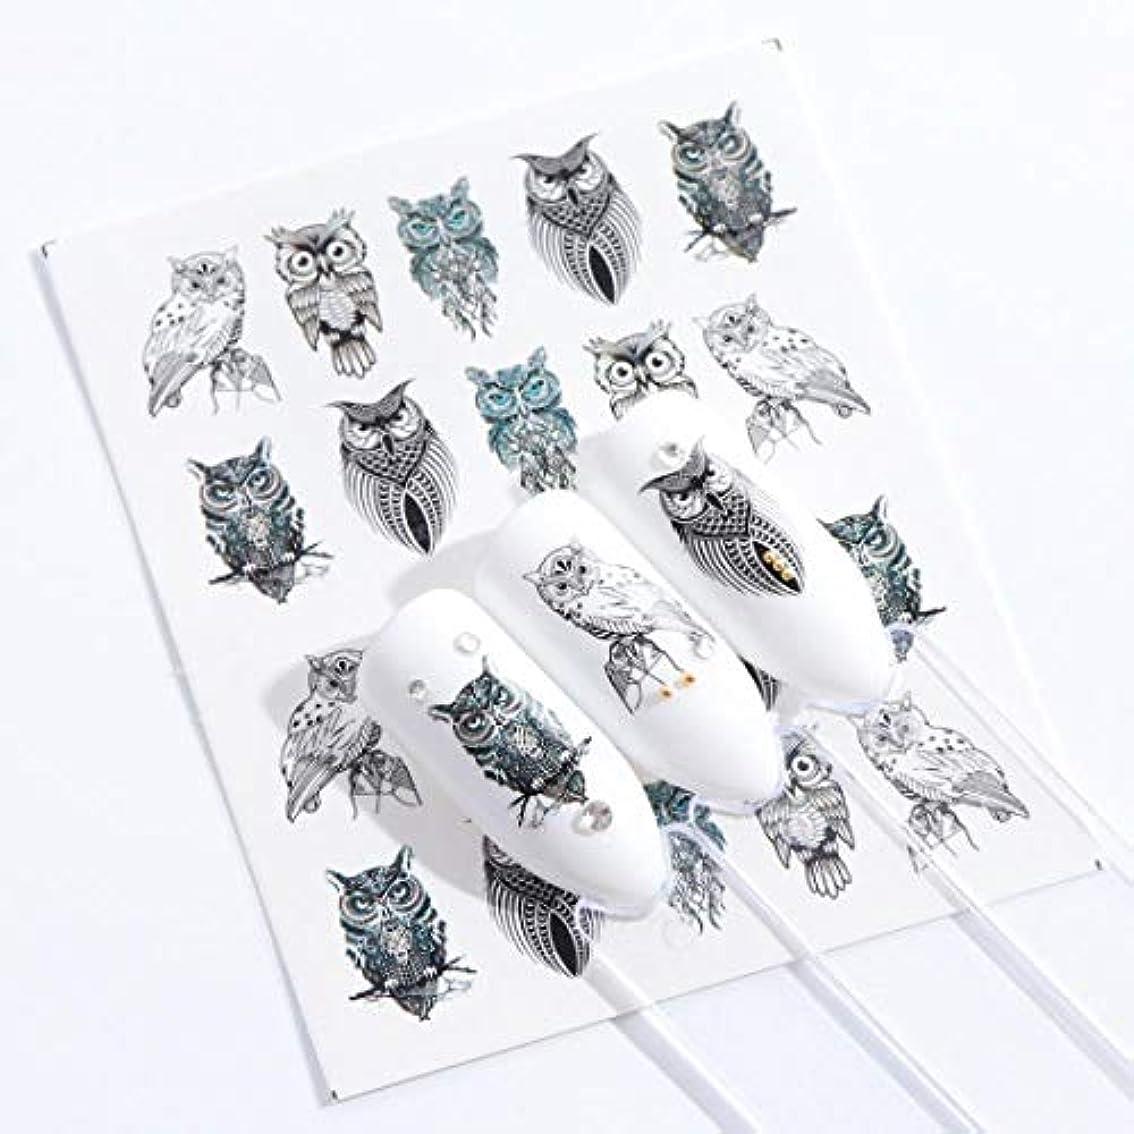 補助反逆者メロディーSUKTI&XIAO ネイルステッカー 1ピースラブリー漫画カラフルな画像ステンシルネイルデカールネイルアートステッカーマニキュアウォータースライダーのヒント、Stz670